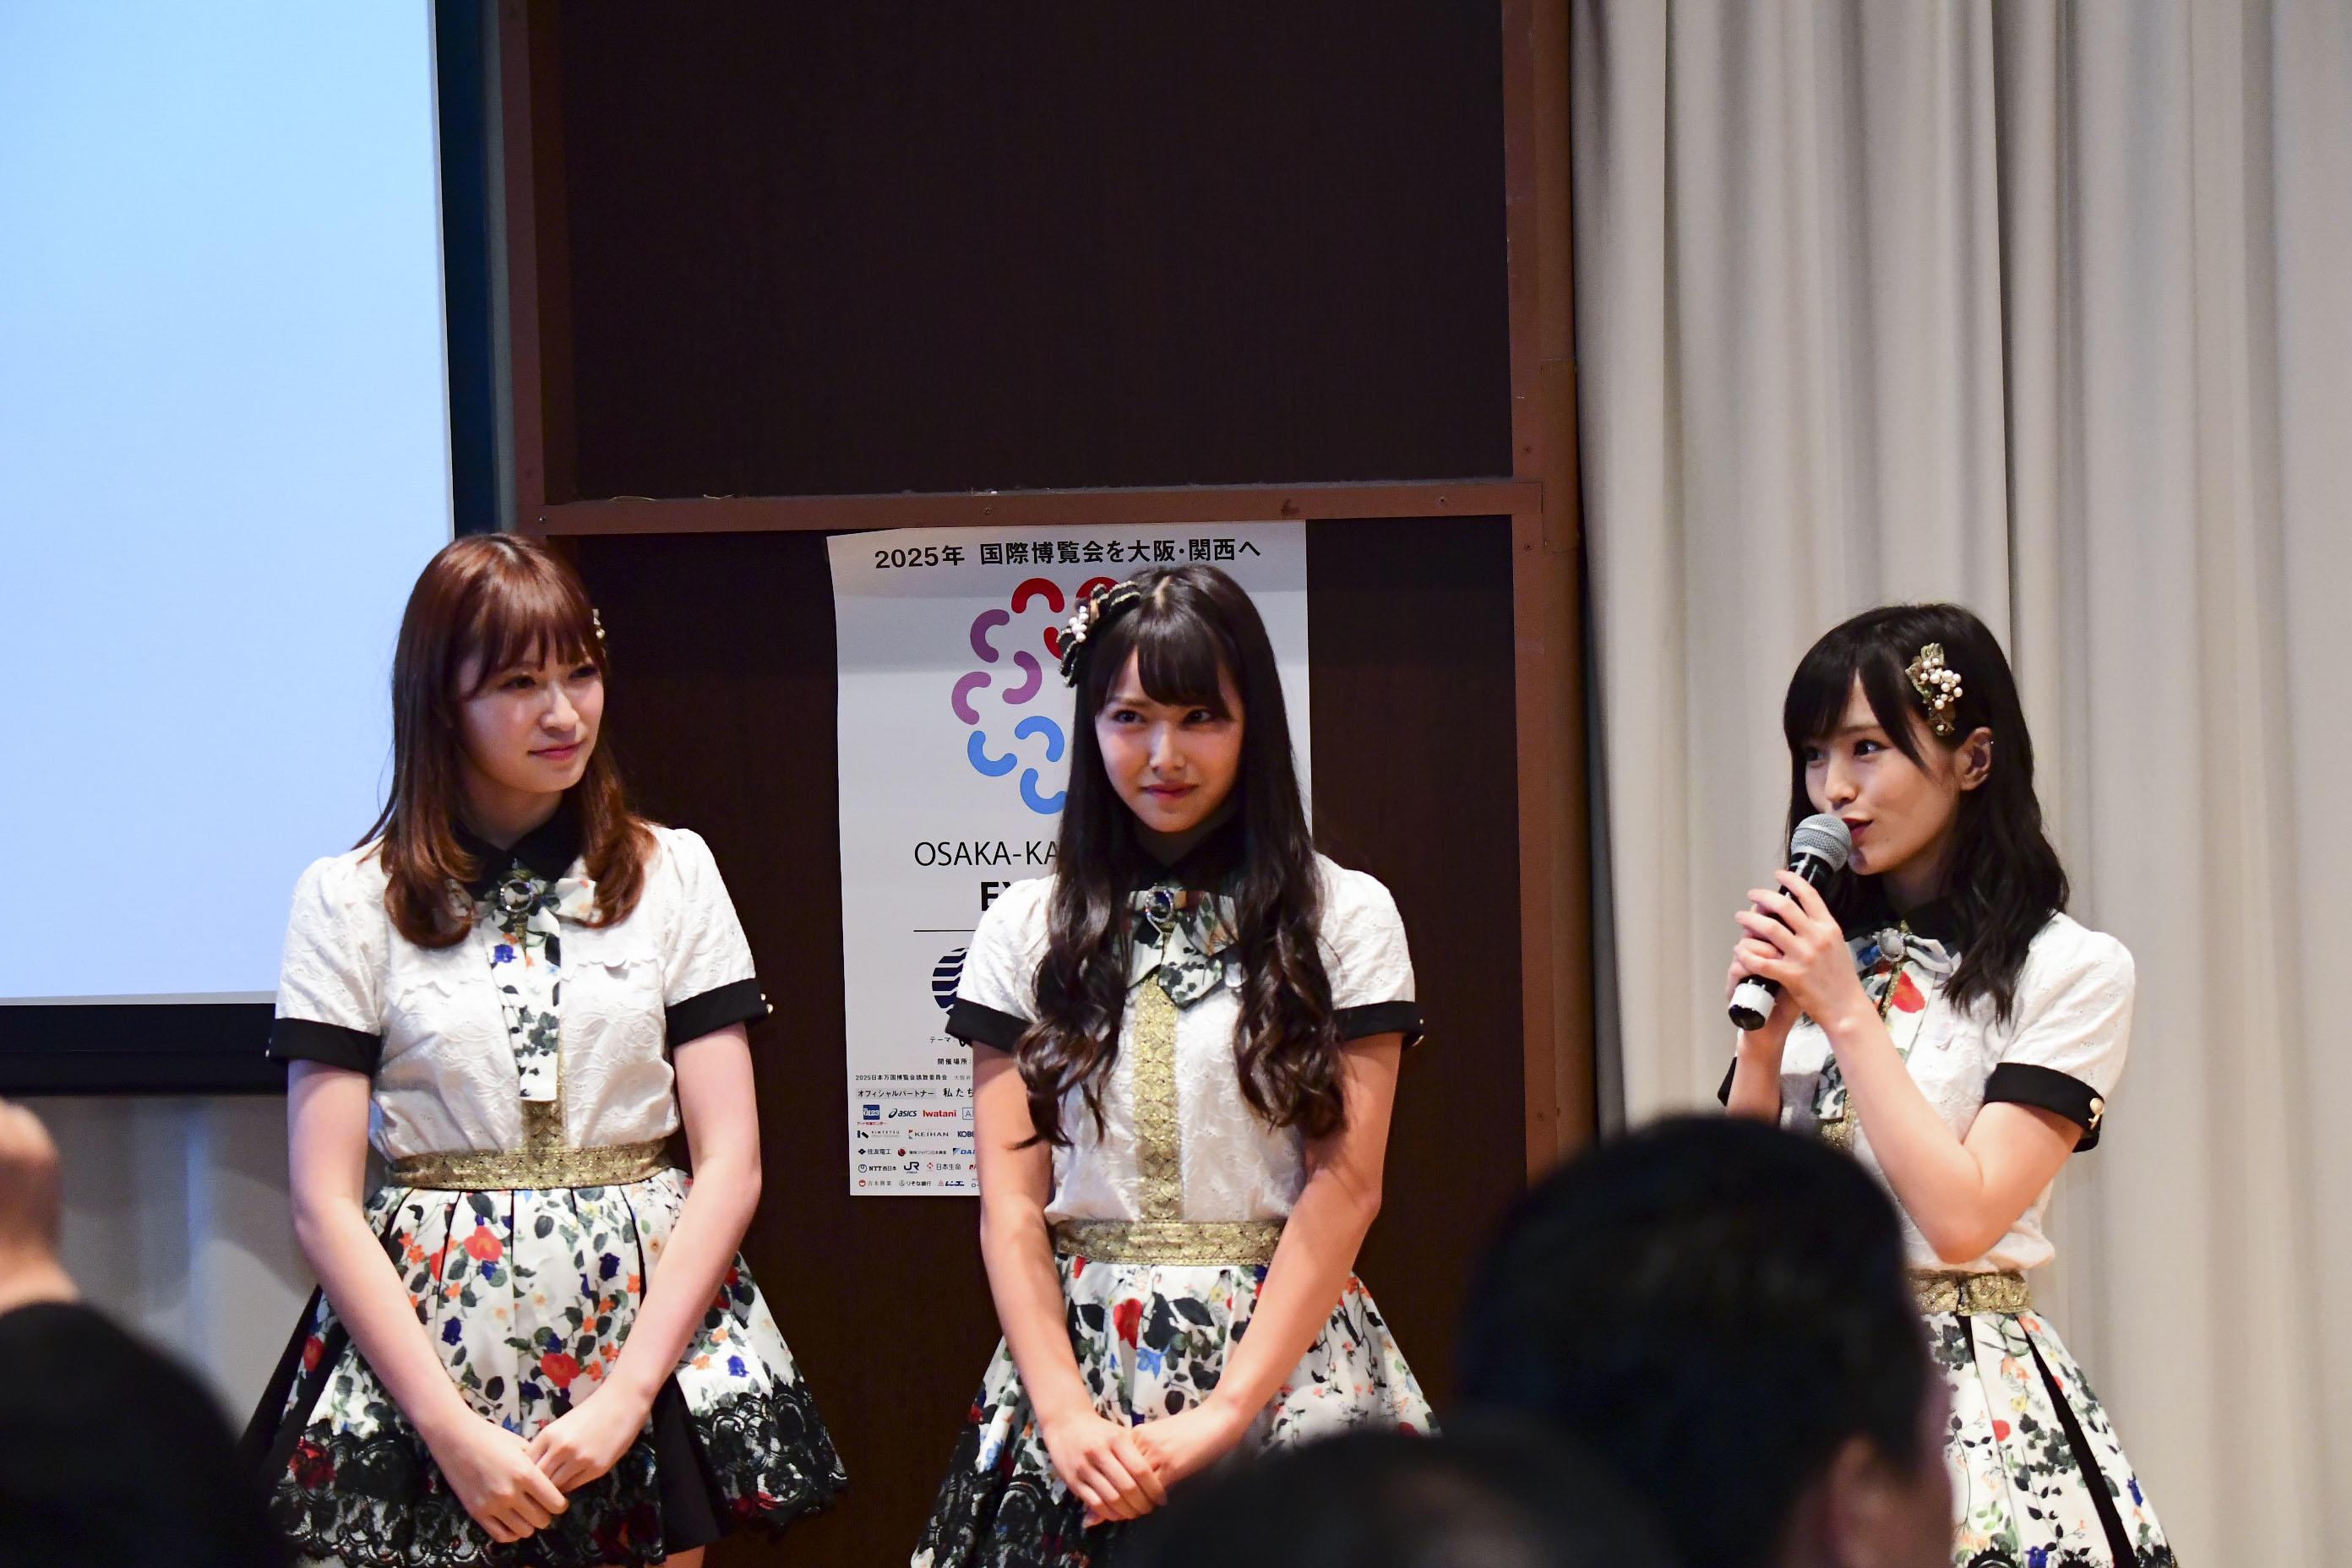 http://news.yoshimoto.co.jp/20170729012942-8ab7f40831c81f8b1cc020f2a35212562ae4fa13.jpg